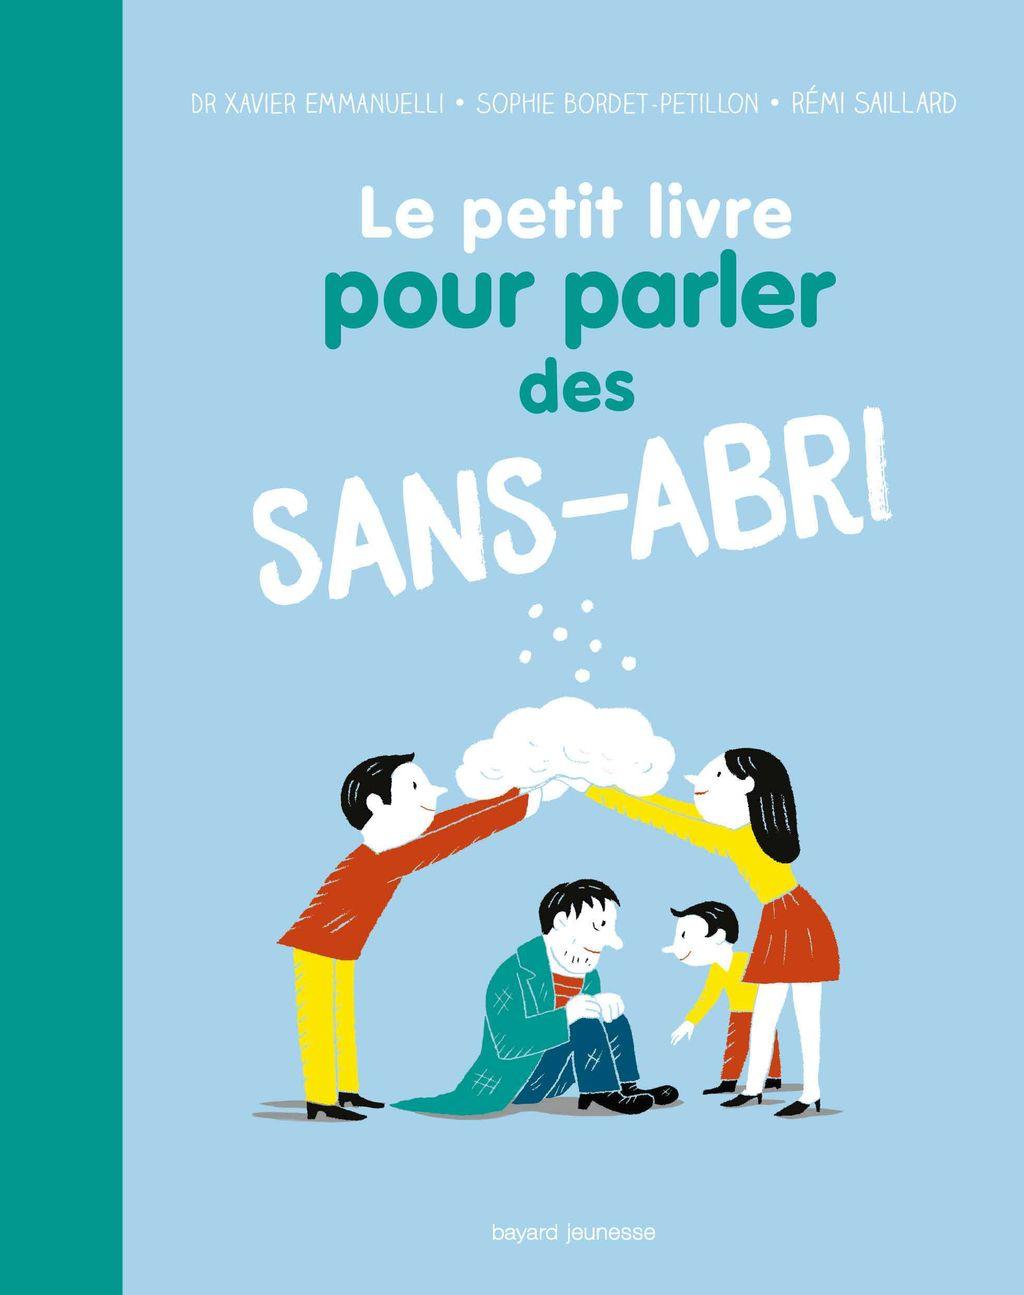 «Le petit livre pour parler des sans-abri» cover